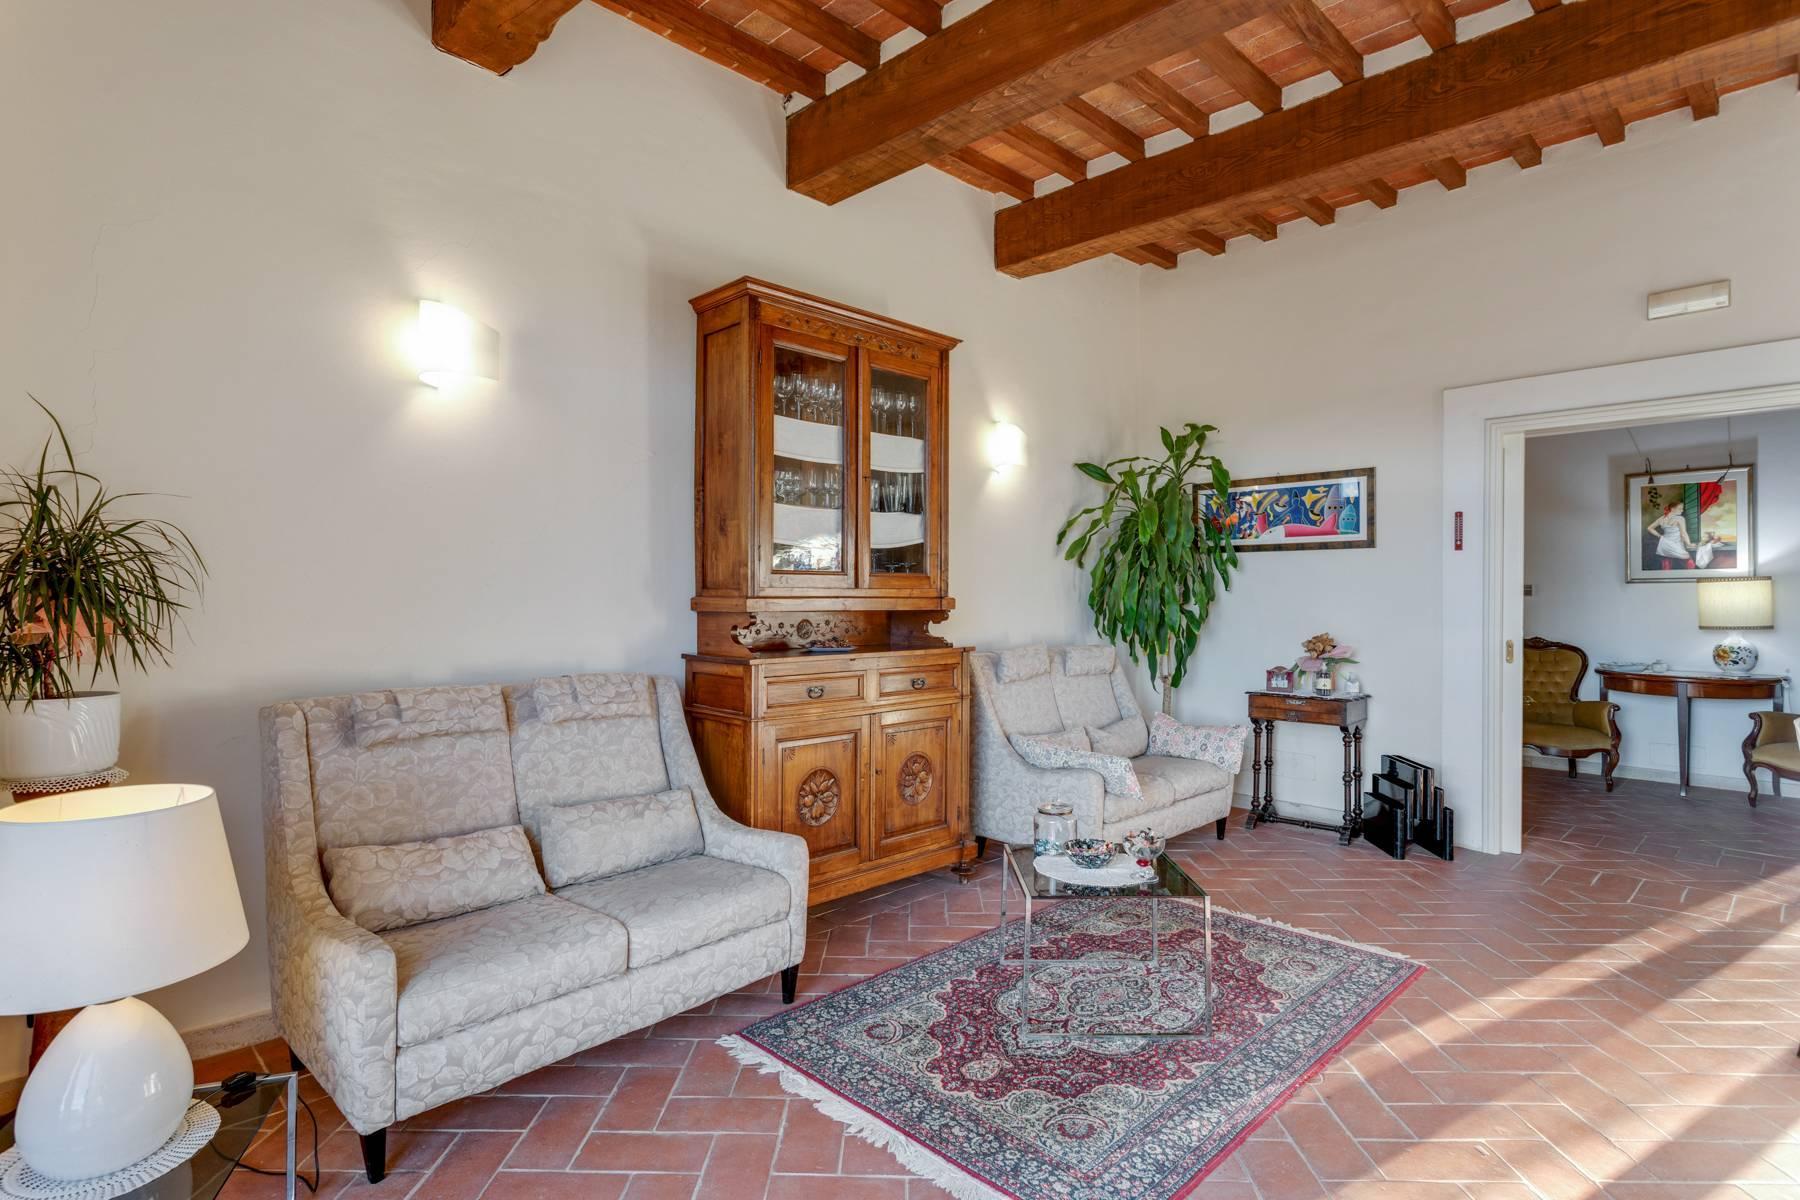 Casale con agriturismo e vigneto a pochi passi da Montepulciano - 14